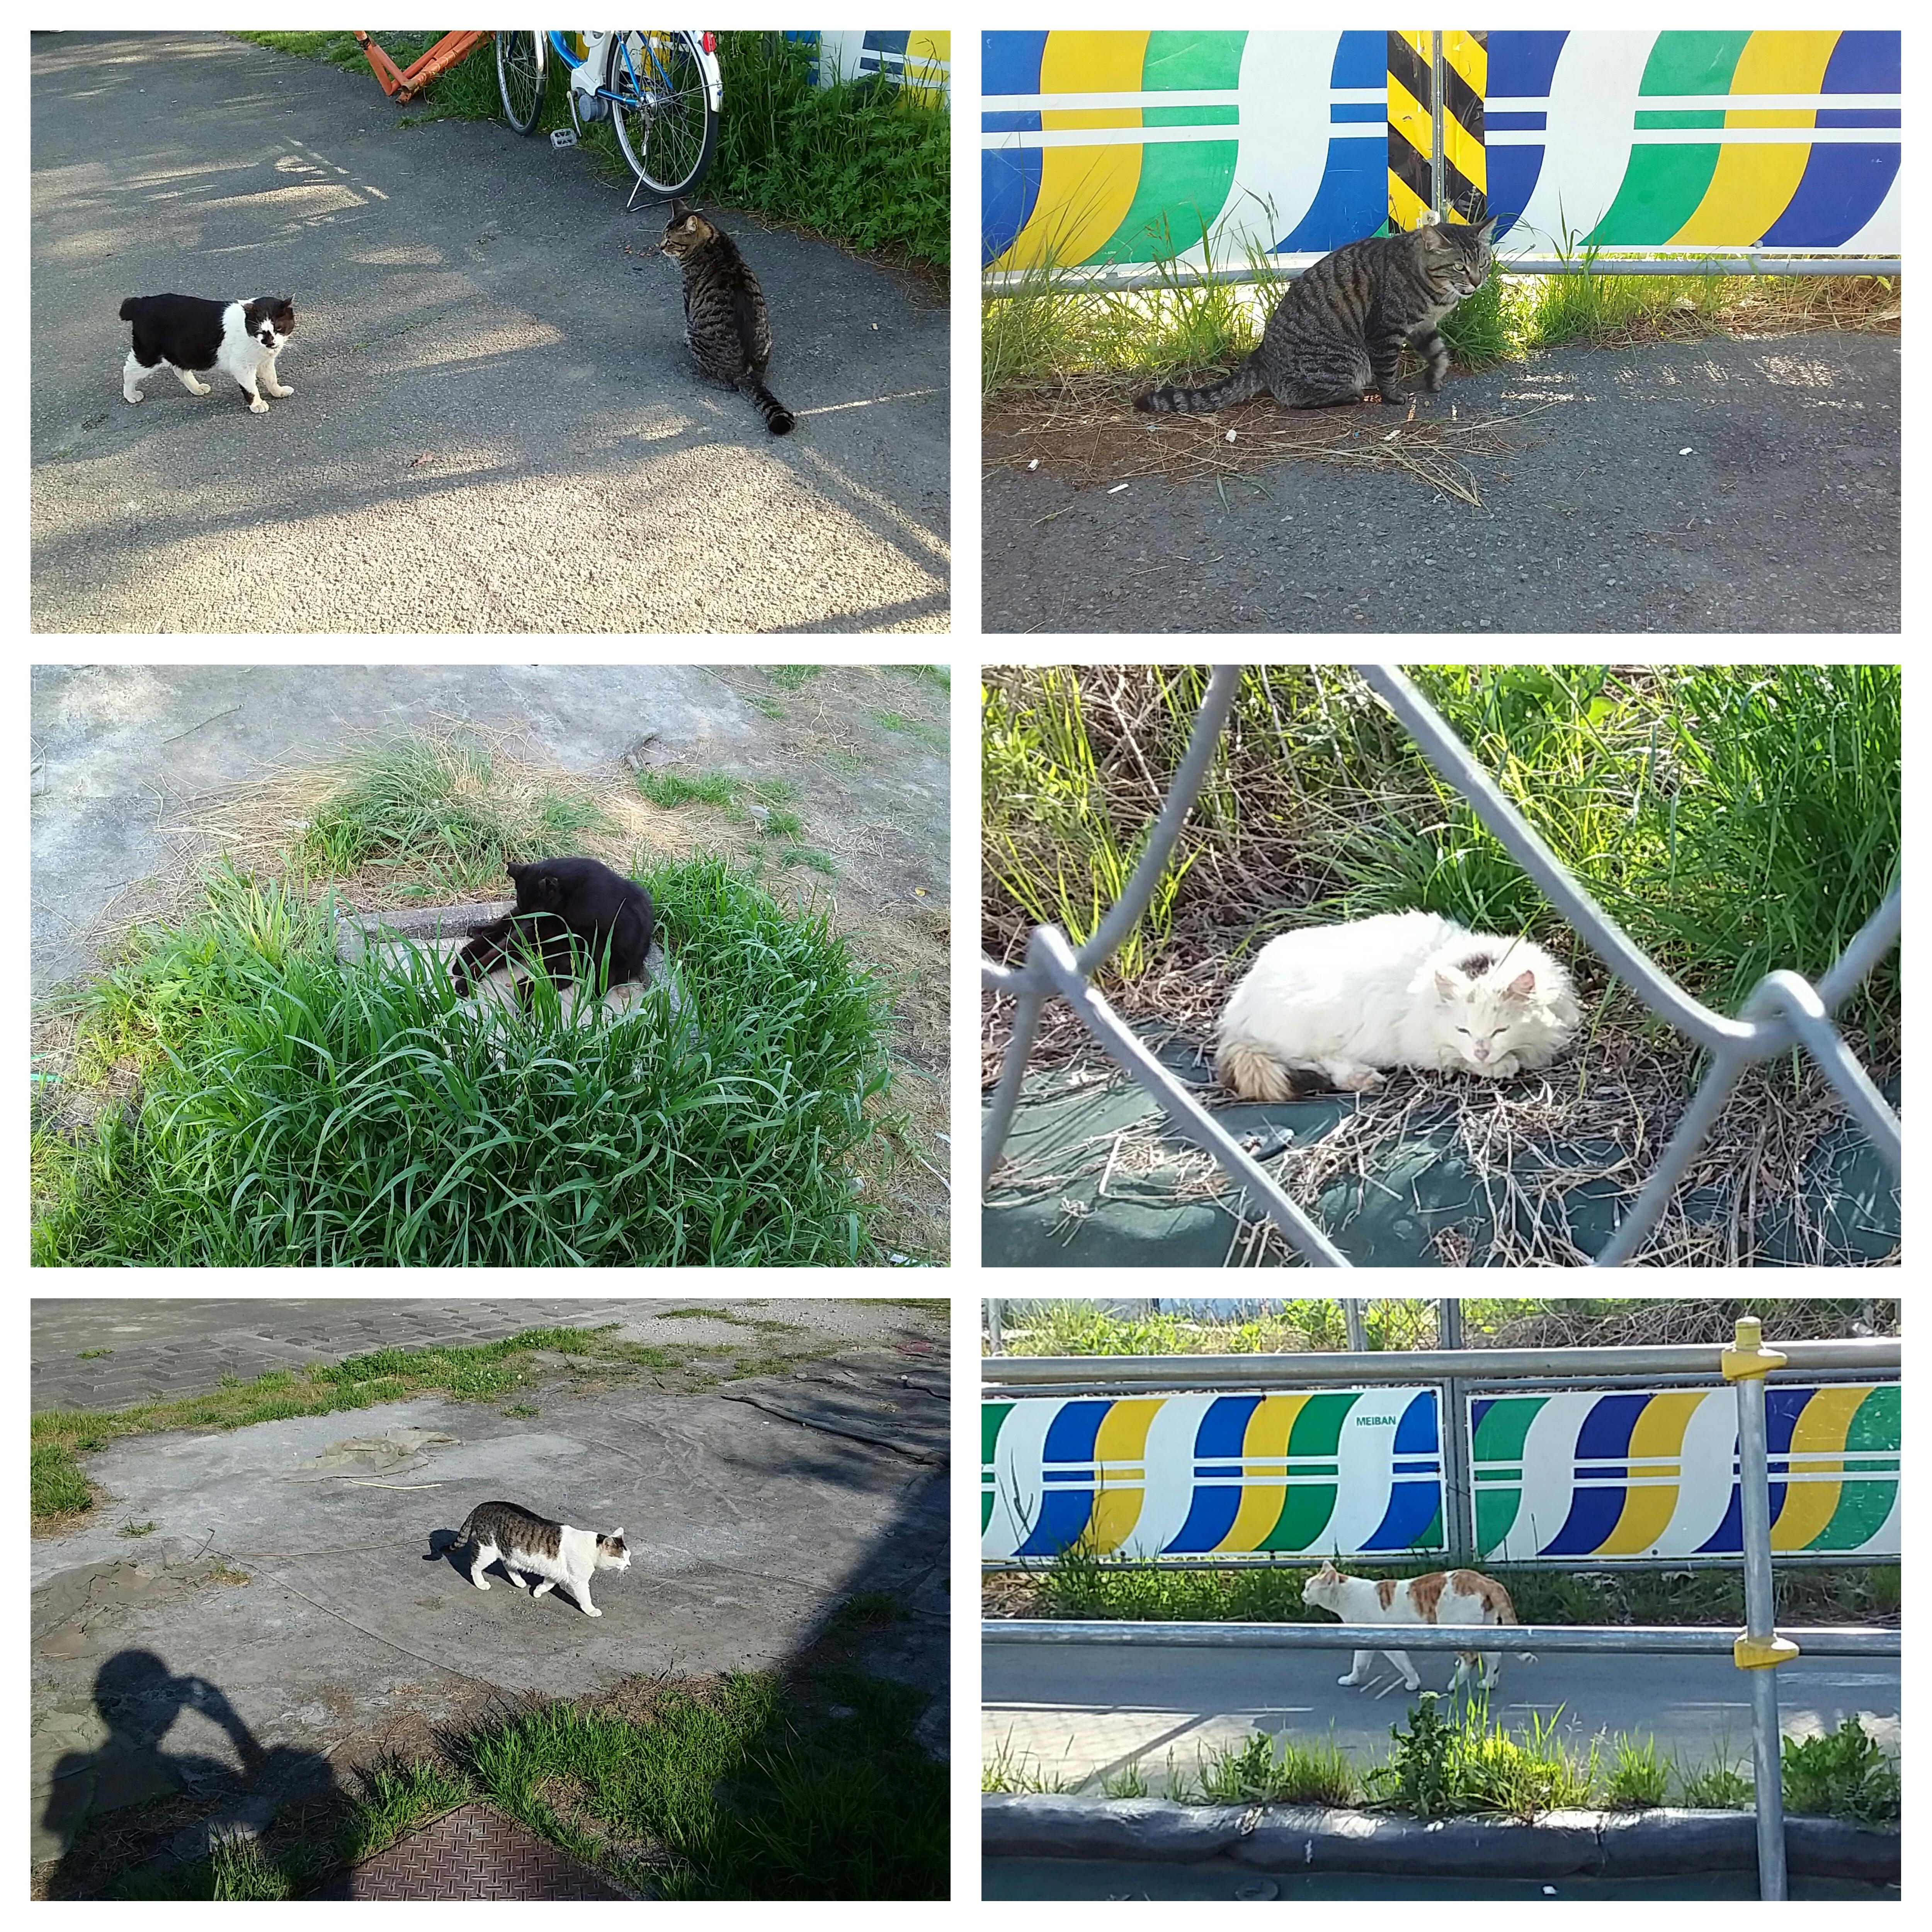 多摩川の河川敷で見かけたネコちゃんです